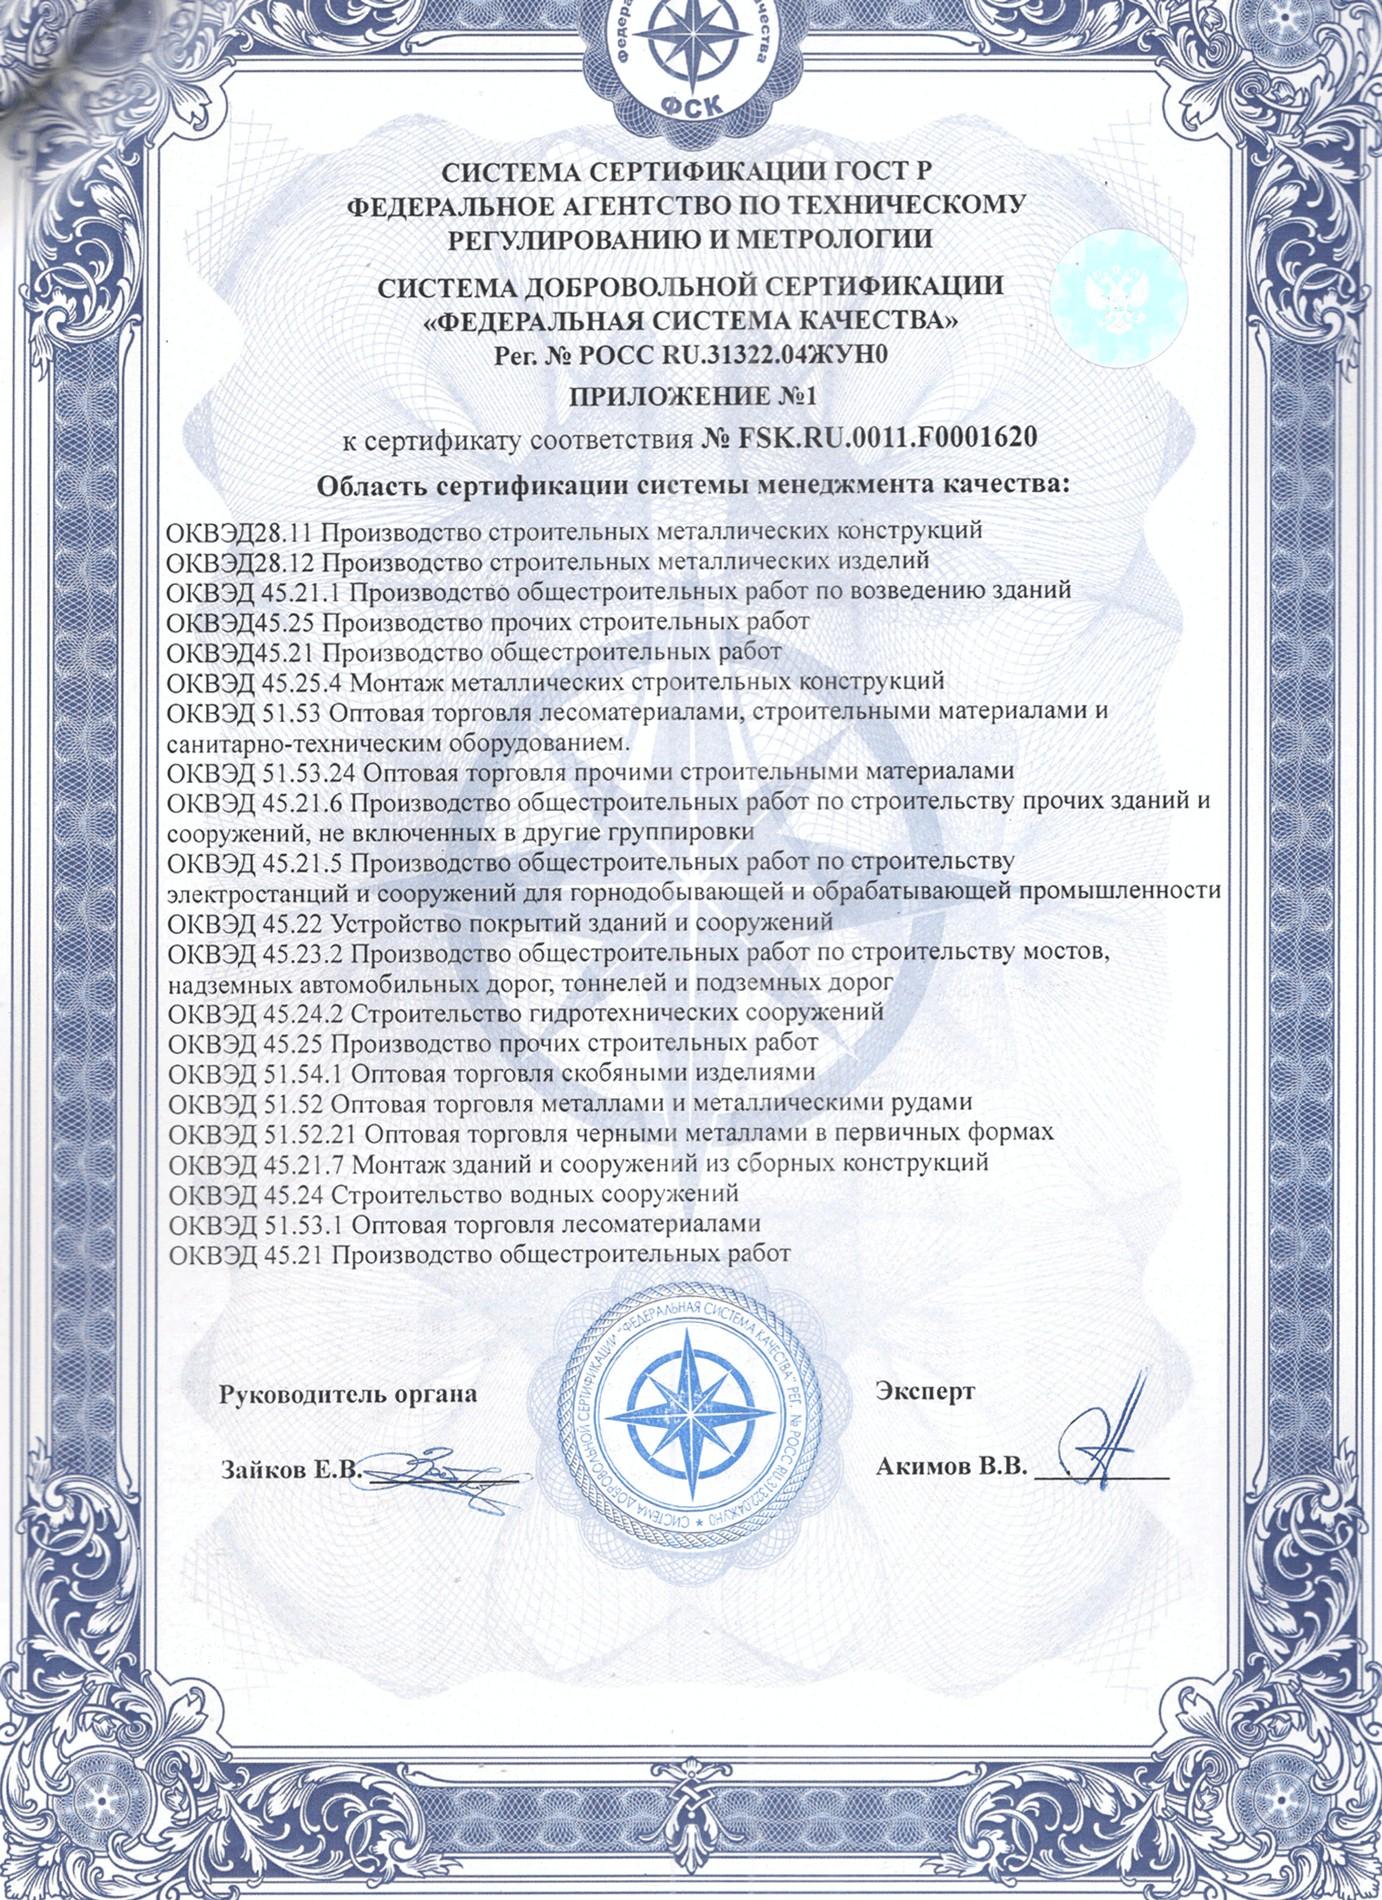 Сертификат соответствия iso9001-2